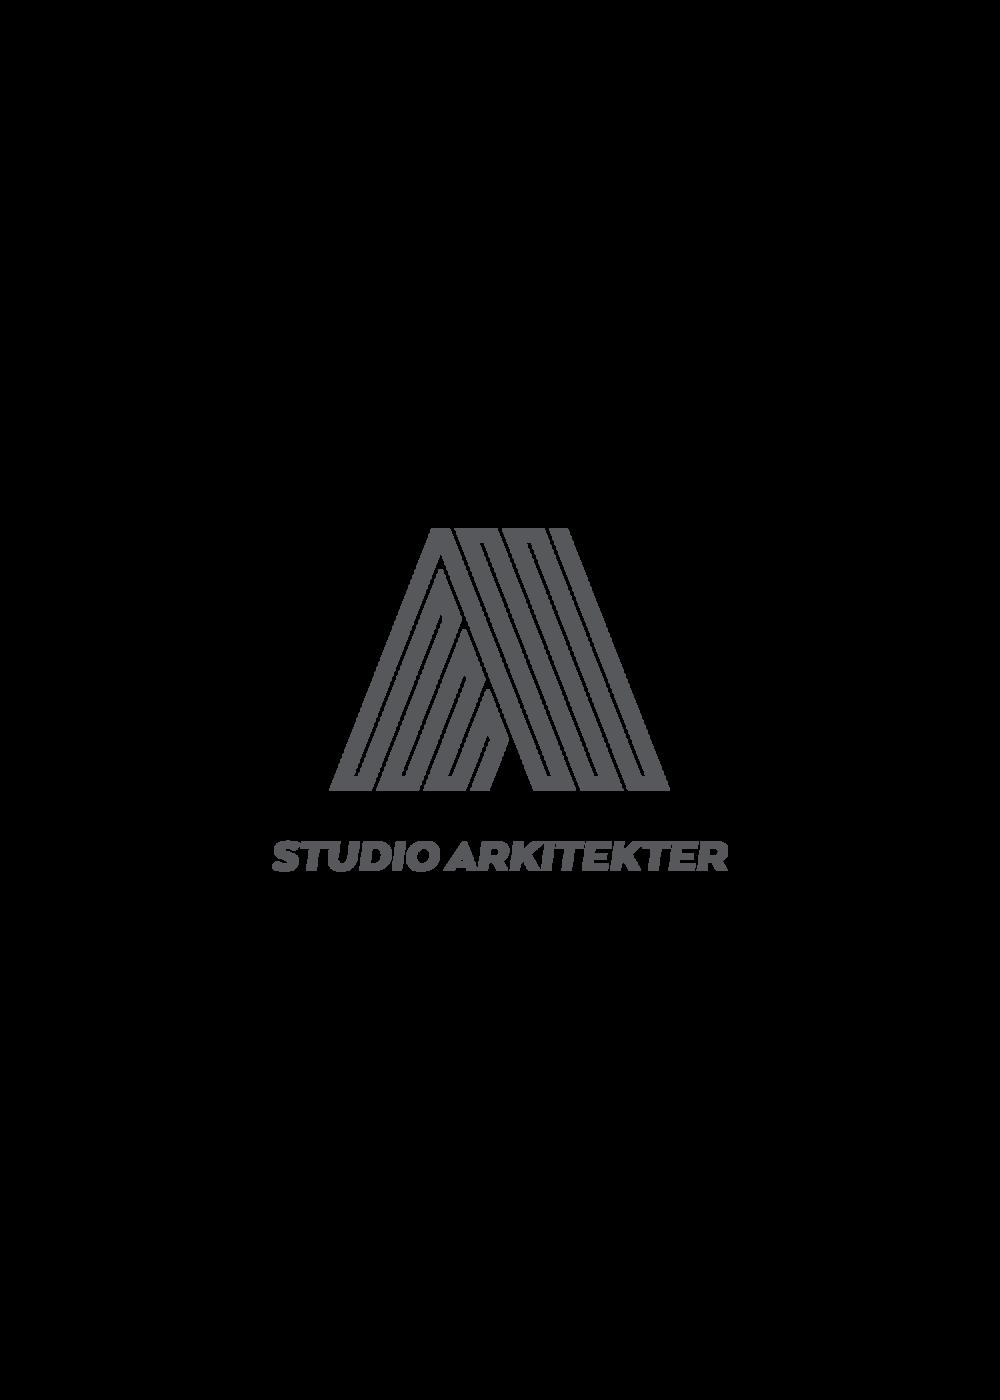 logo_arkitekter.png